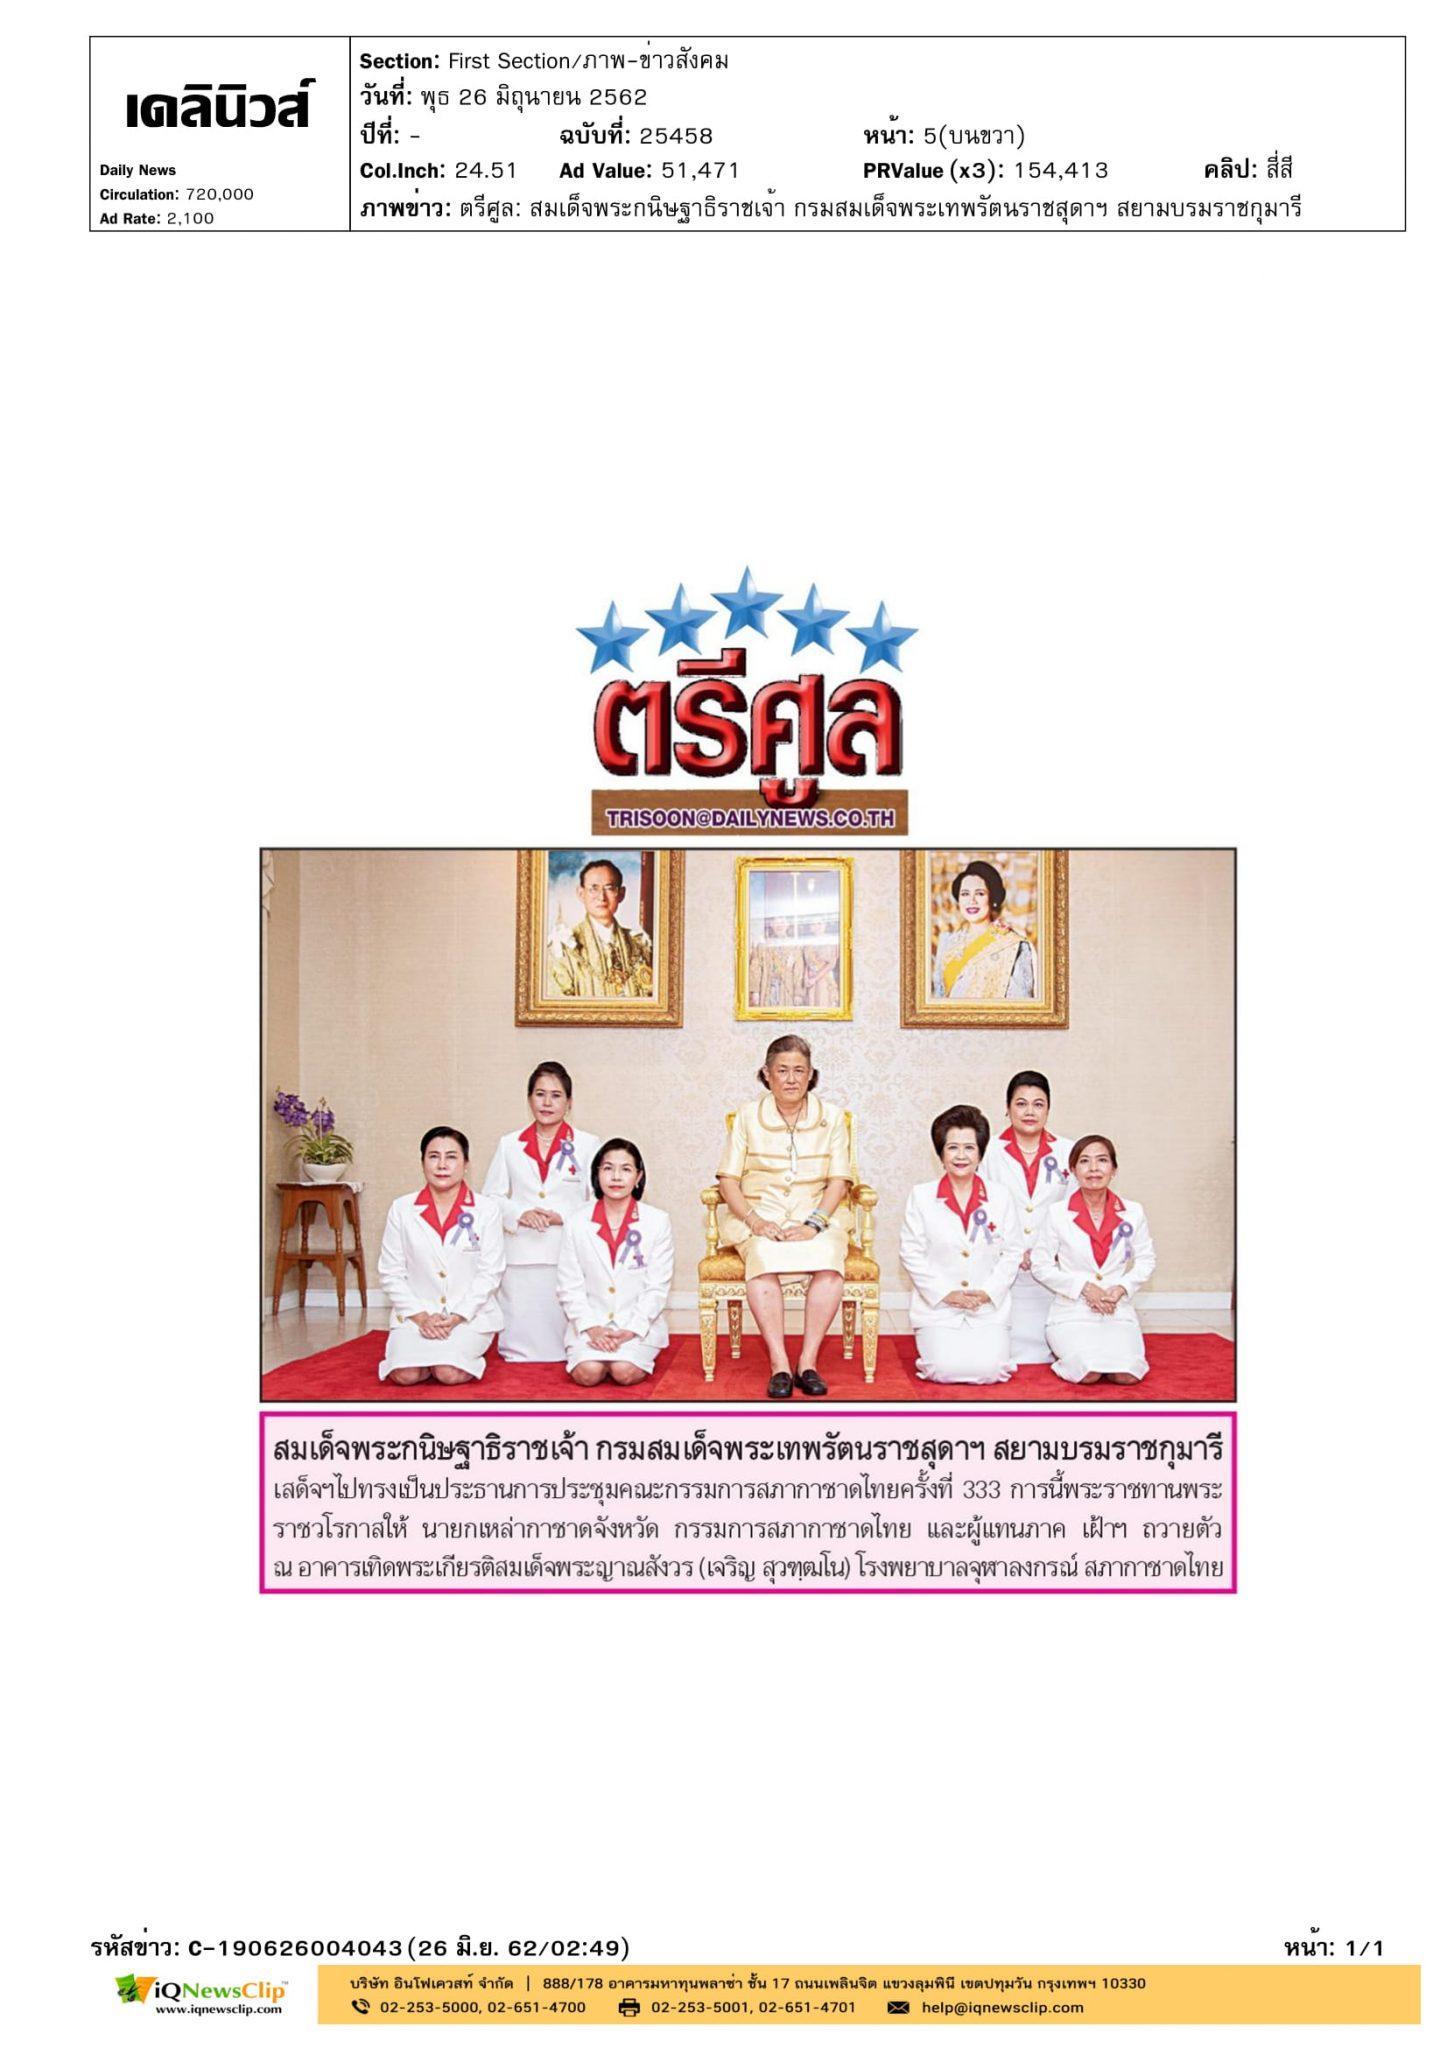 ประชุมคณะกรรมการสภากาชาดไทย ครั้งที่ 333